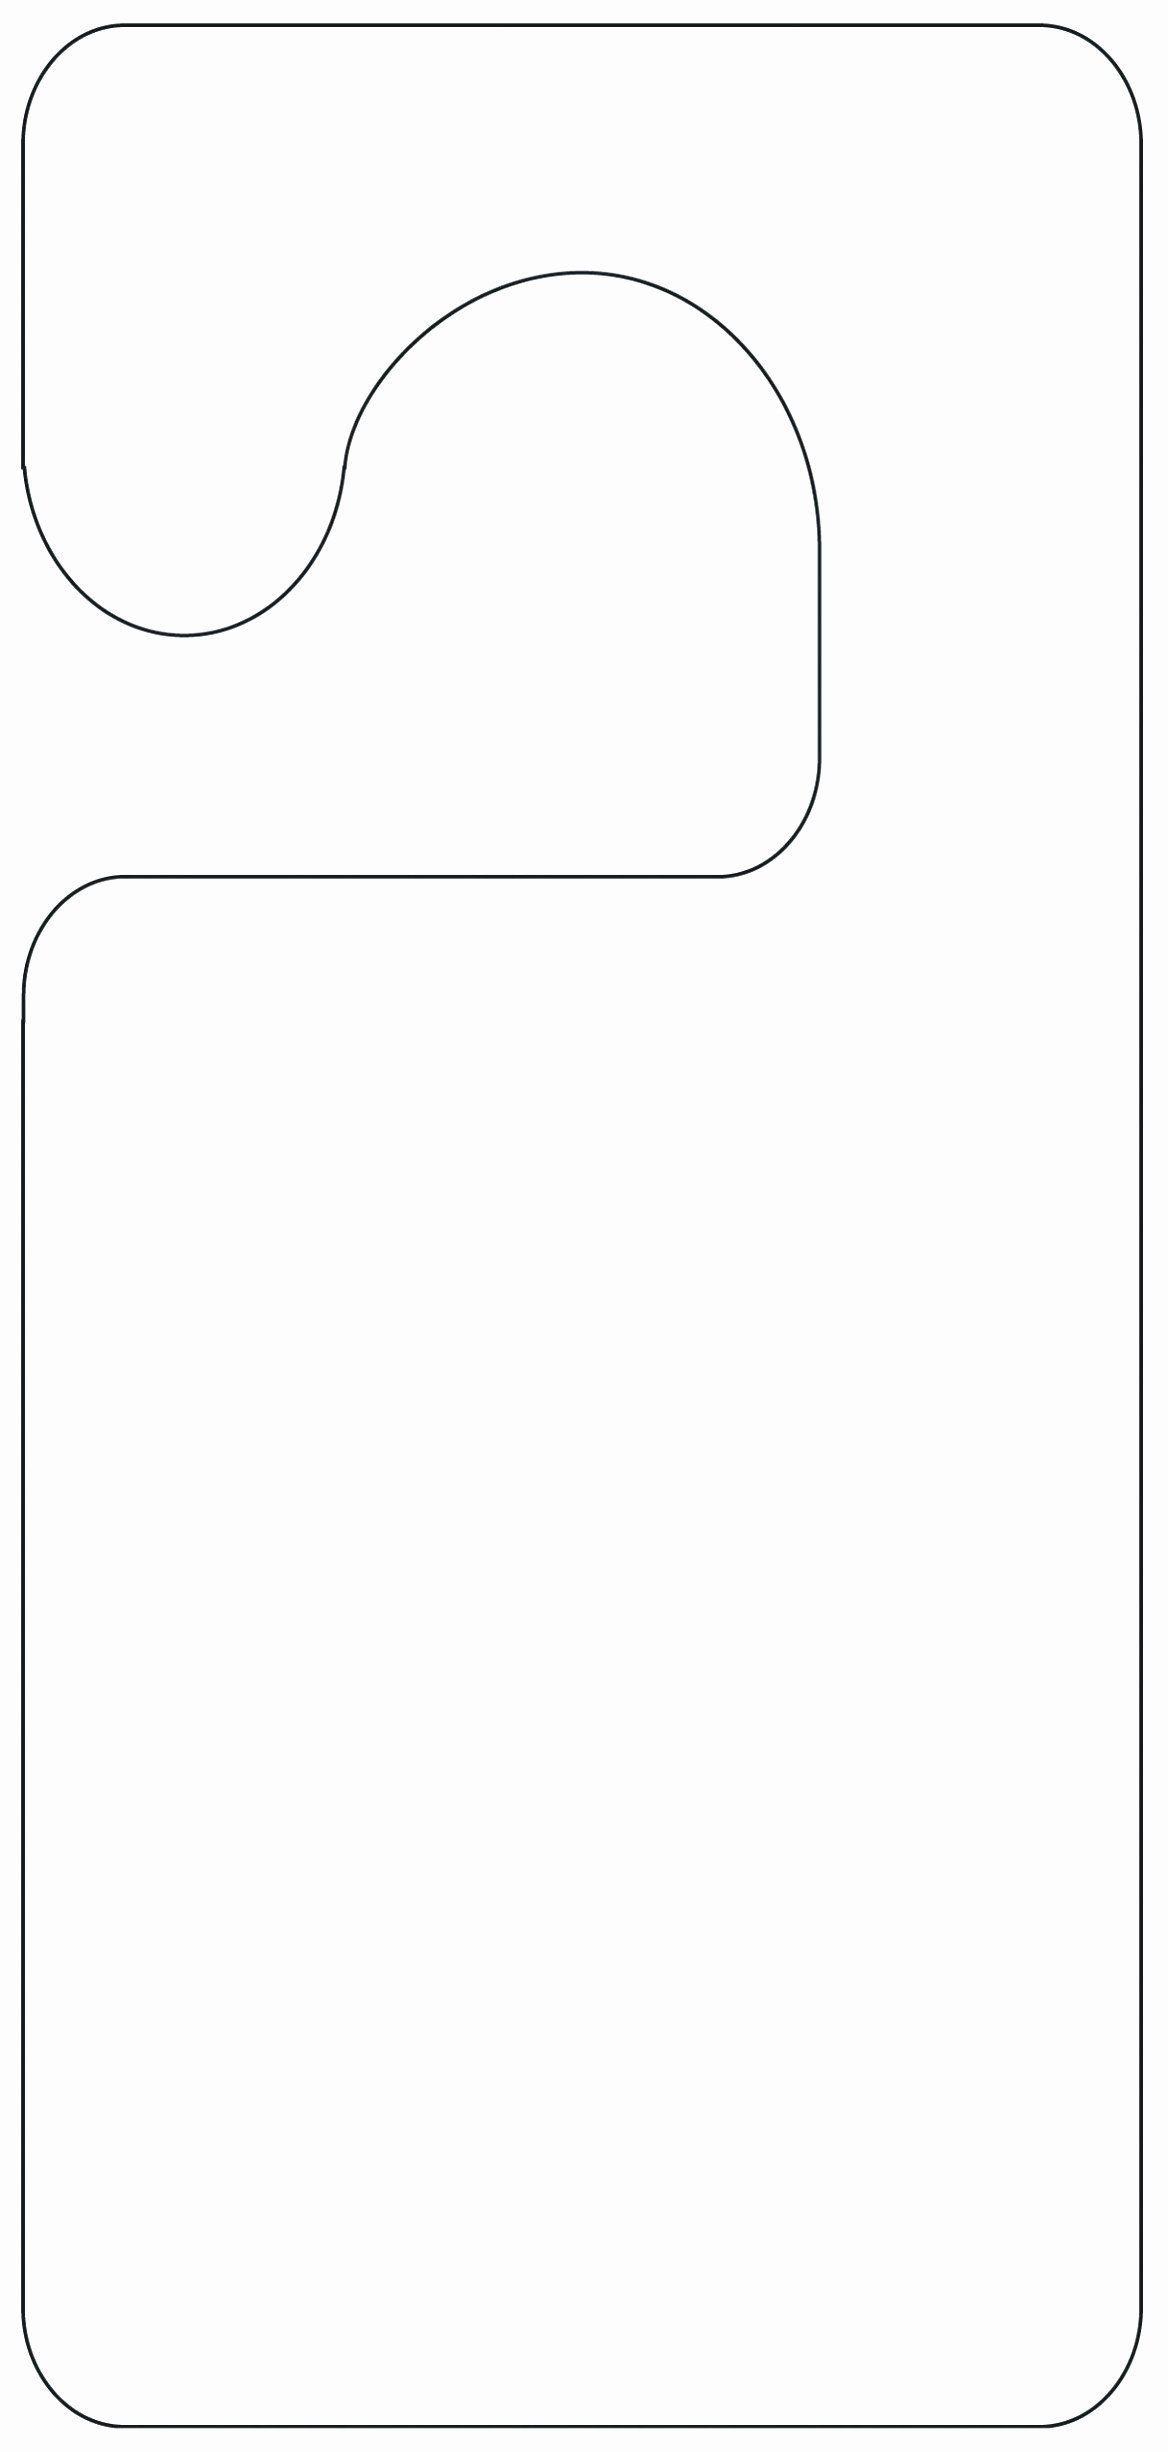 001 Remarkable Word Door Hanger Template Free Concept  MicrosoftFull